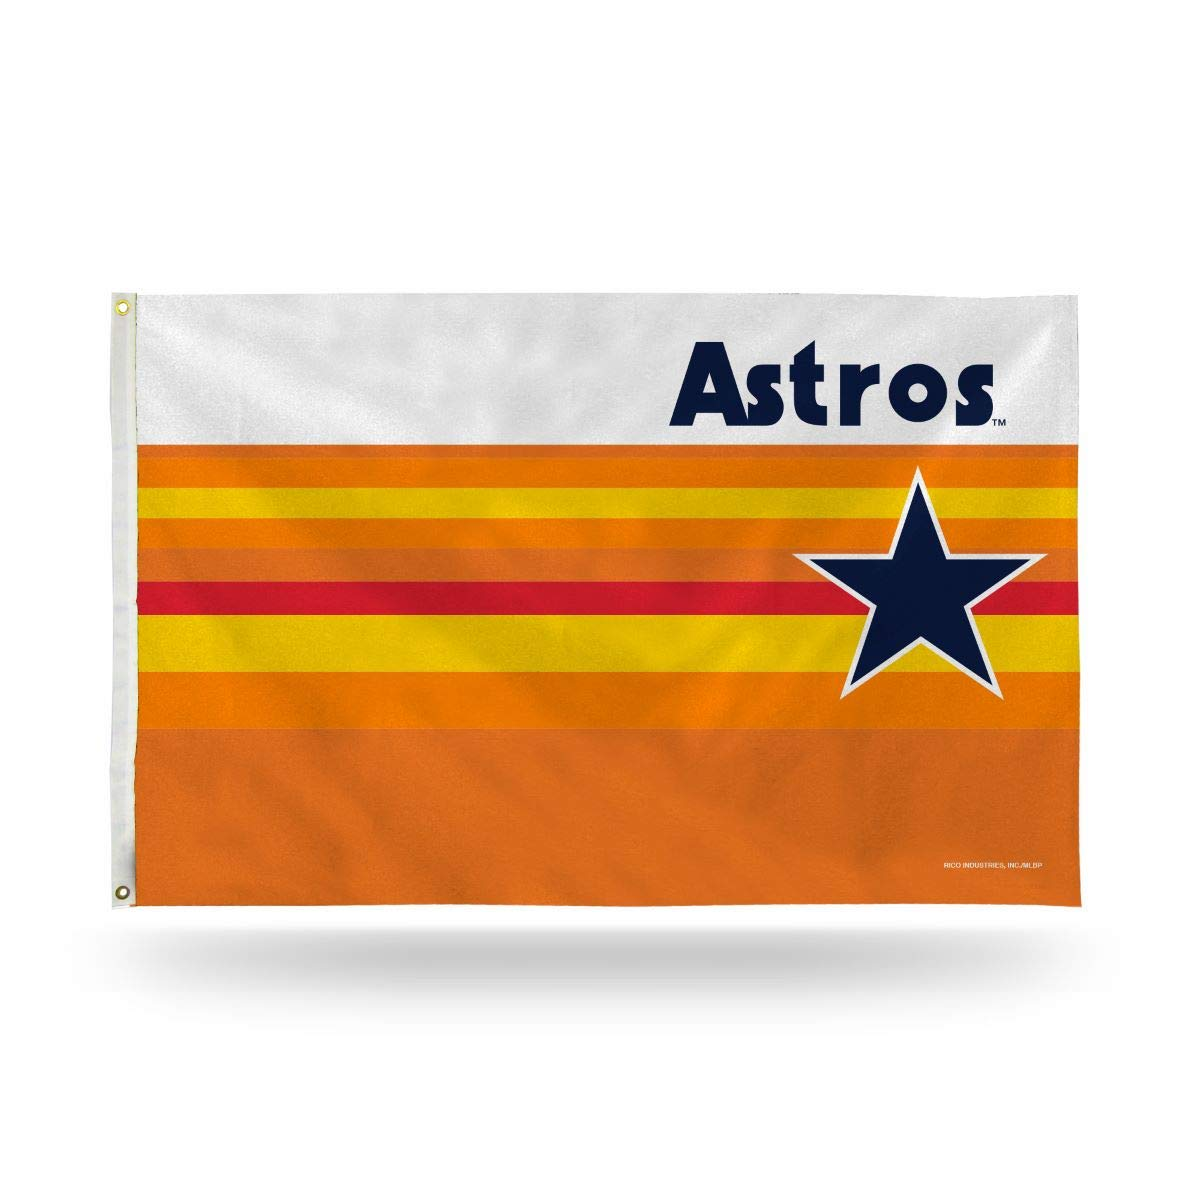 Houston Astros RETRO Design Rico 3x5 Flag grommets Outdoor House Banner  Baseball